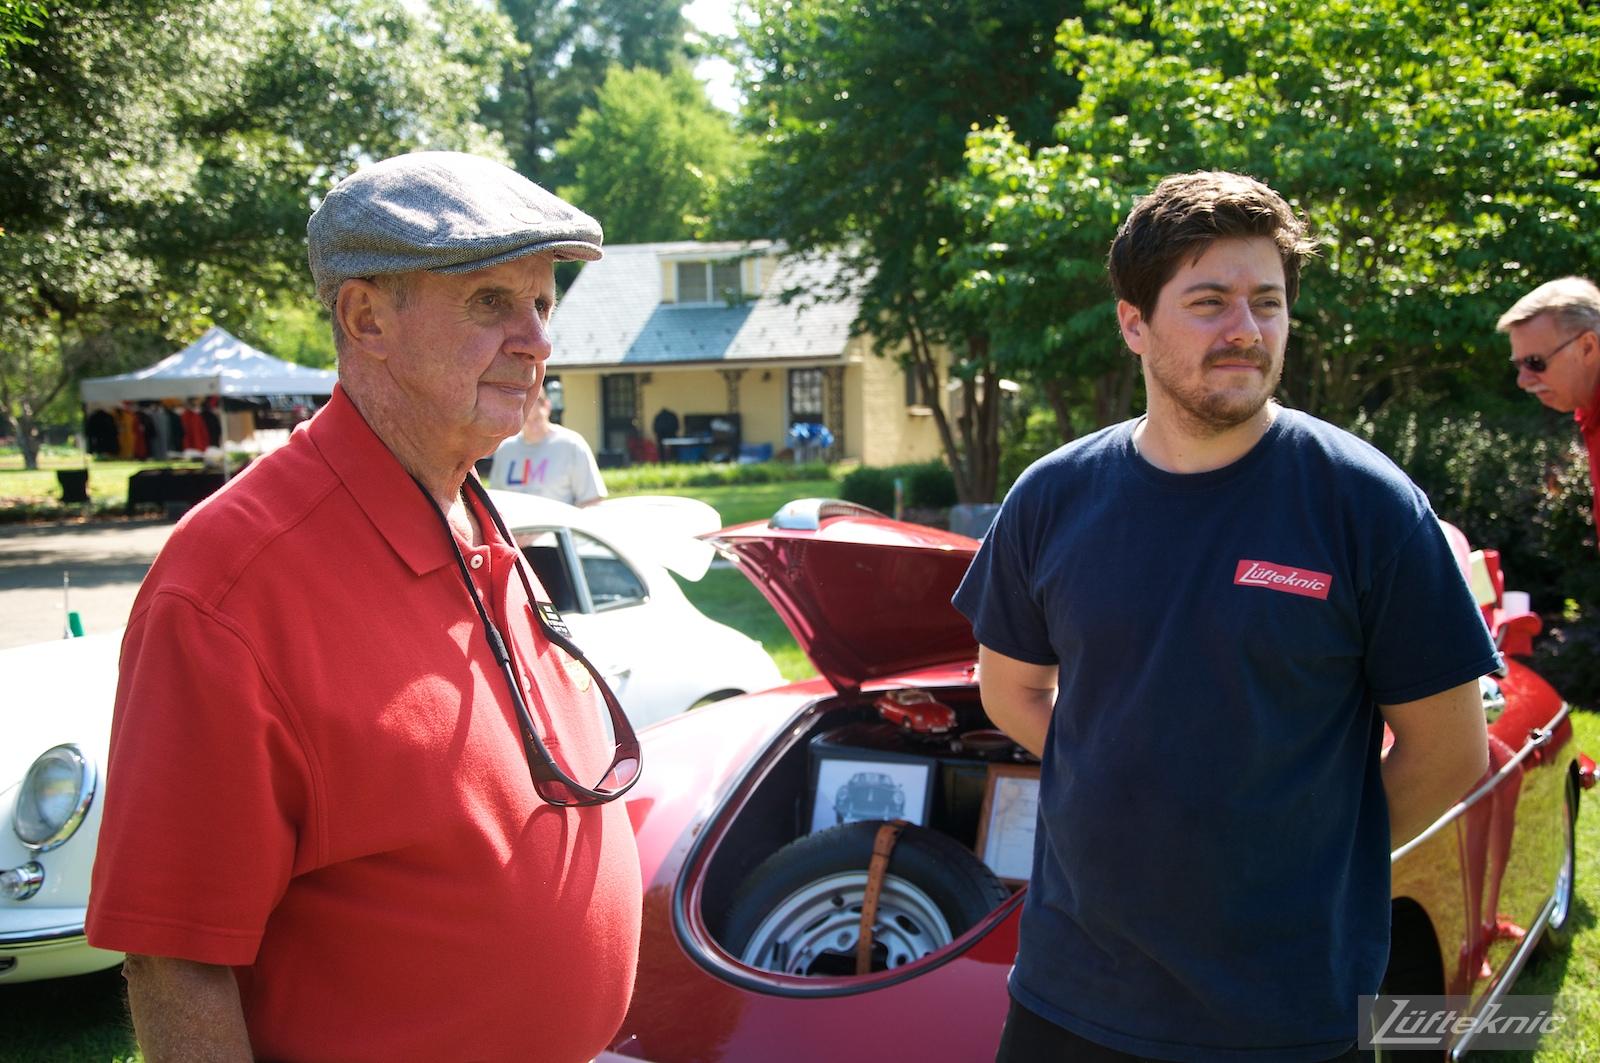 Dick Pitman and Garrett from Lufteknic at the Richmond Porsche Meet.